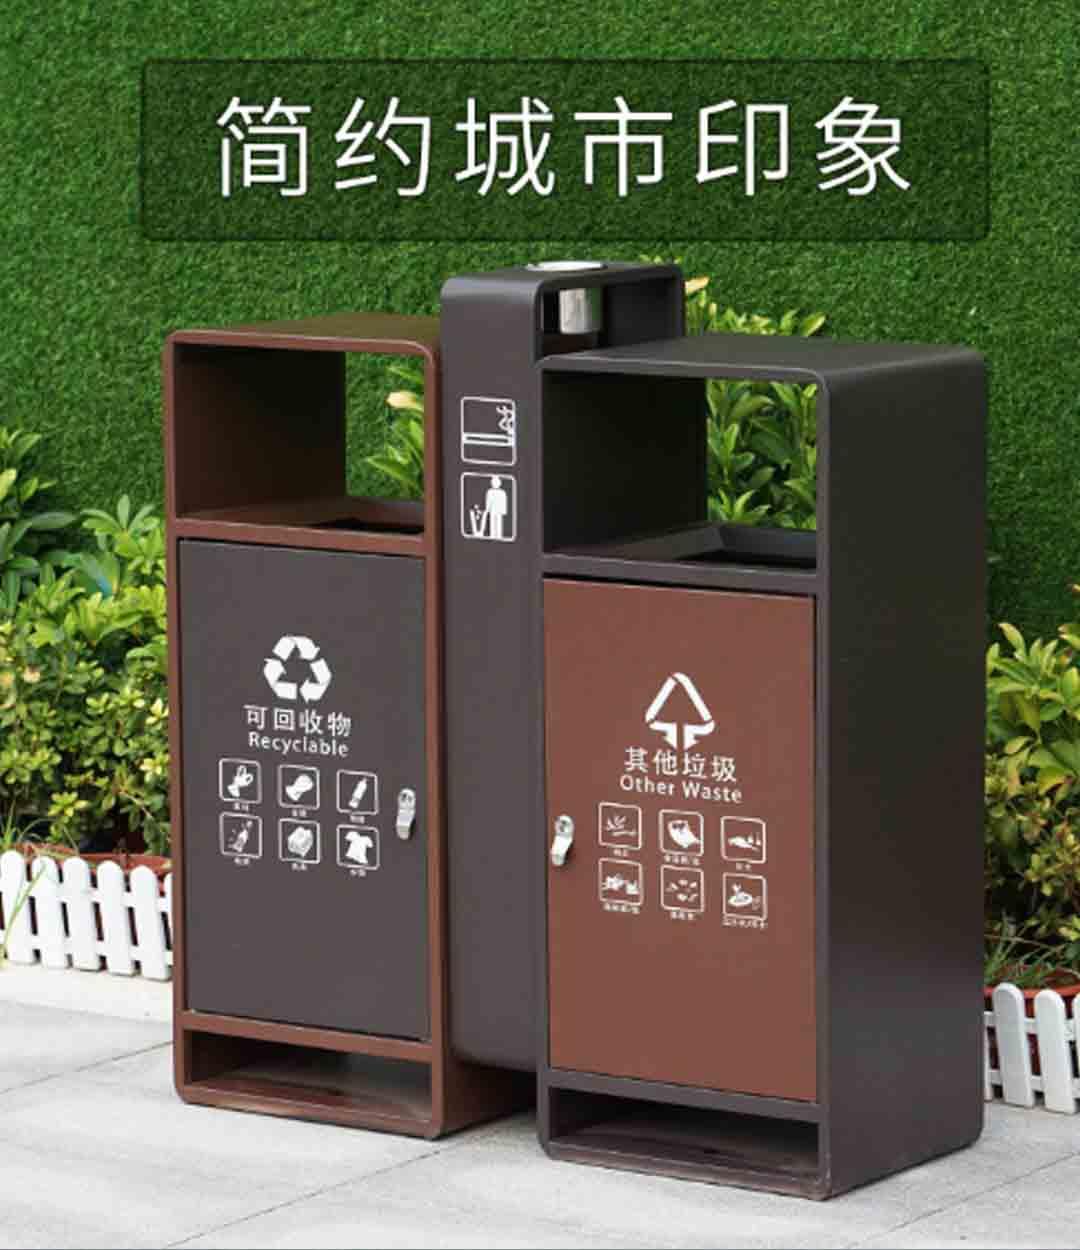 公园小区垃圾桶标识